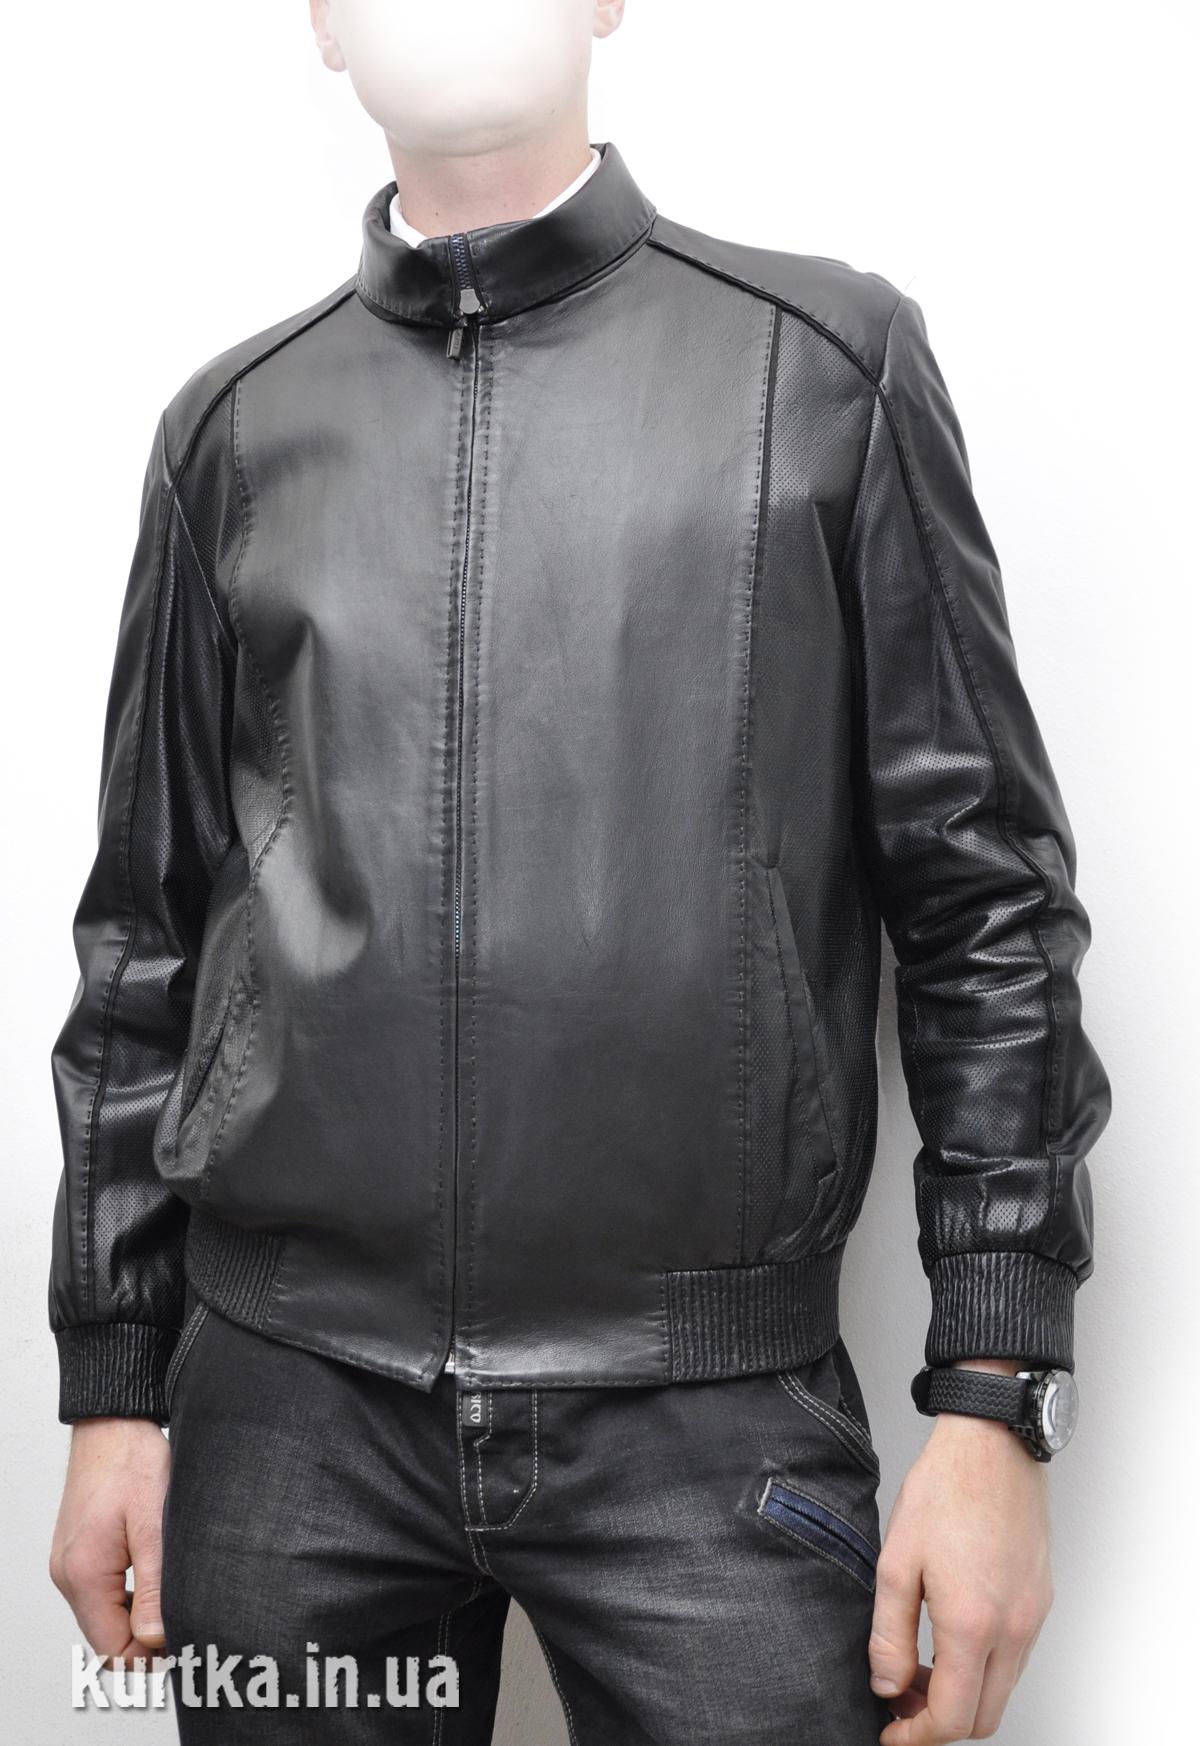 Купить Кожаную Перфорированную Куртку